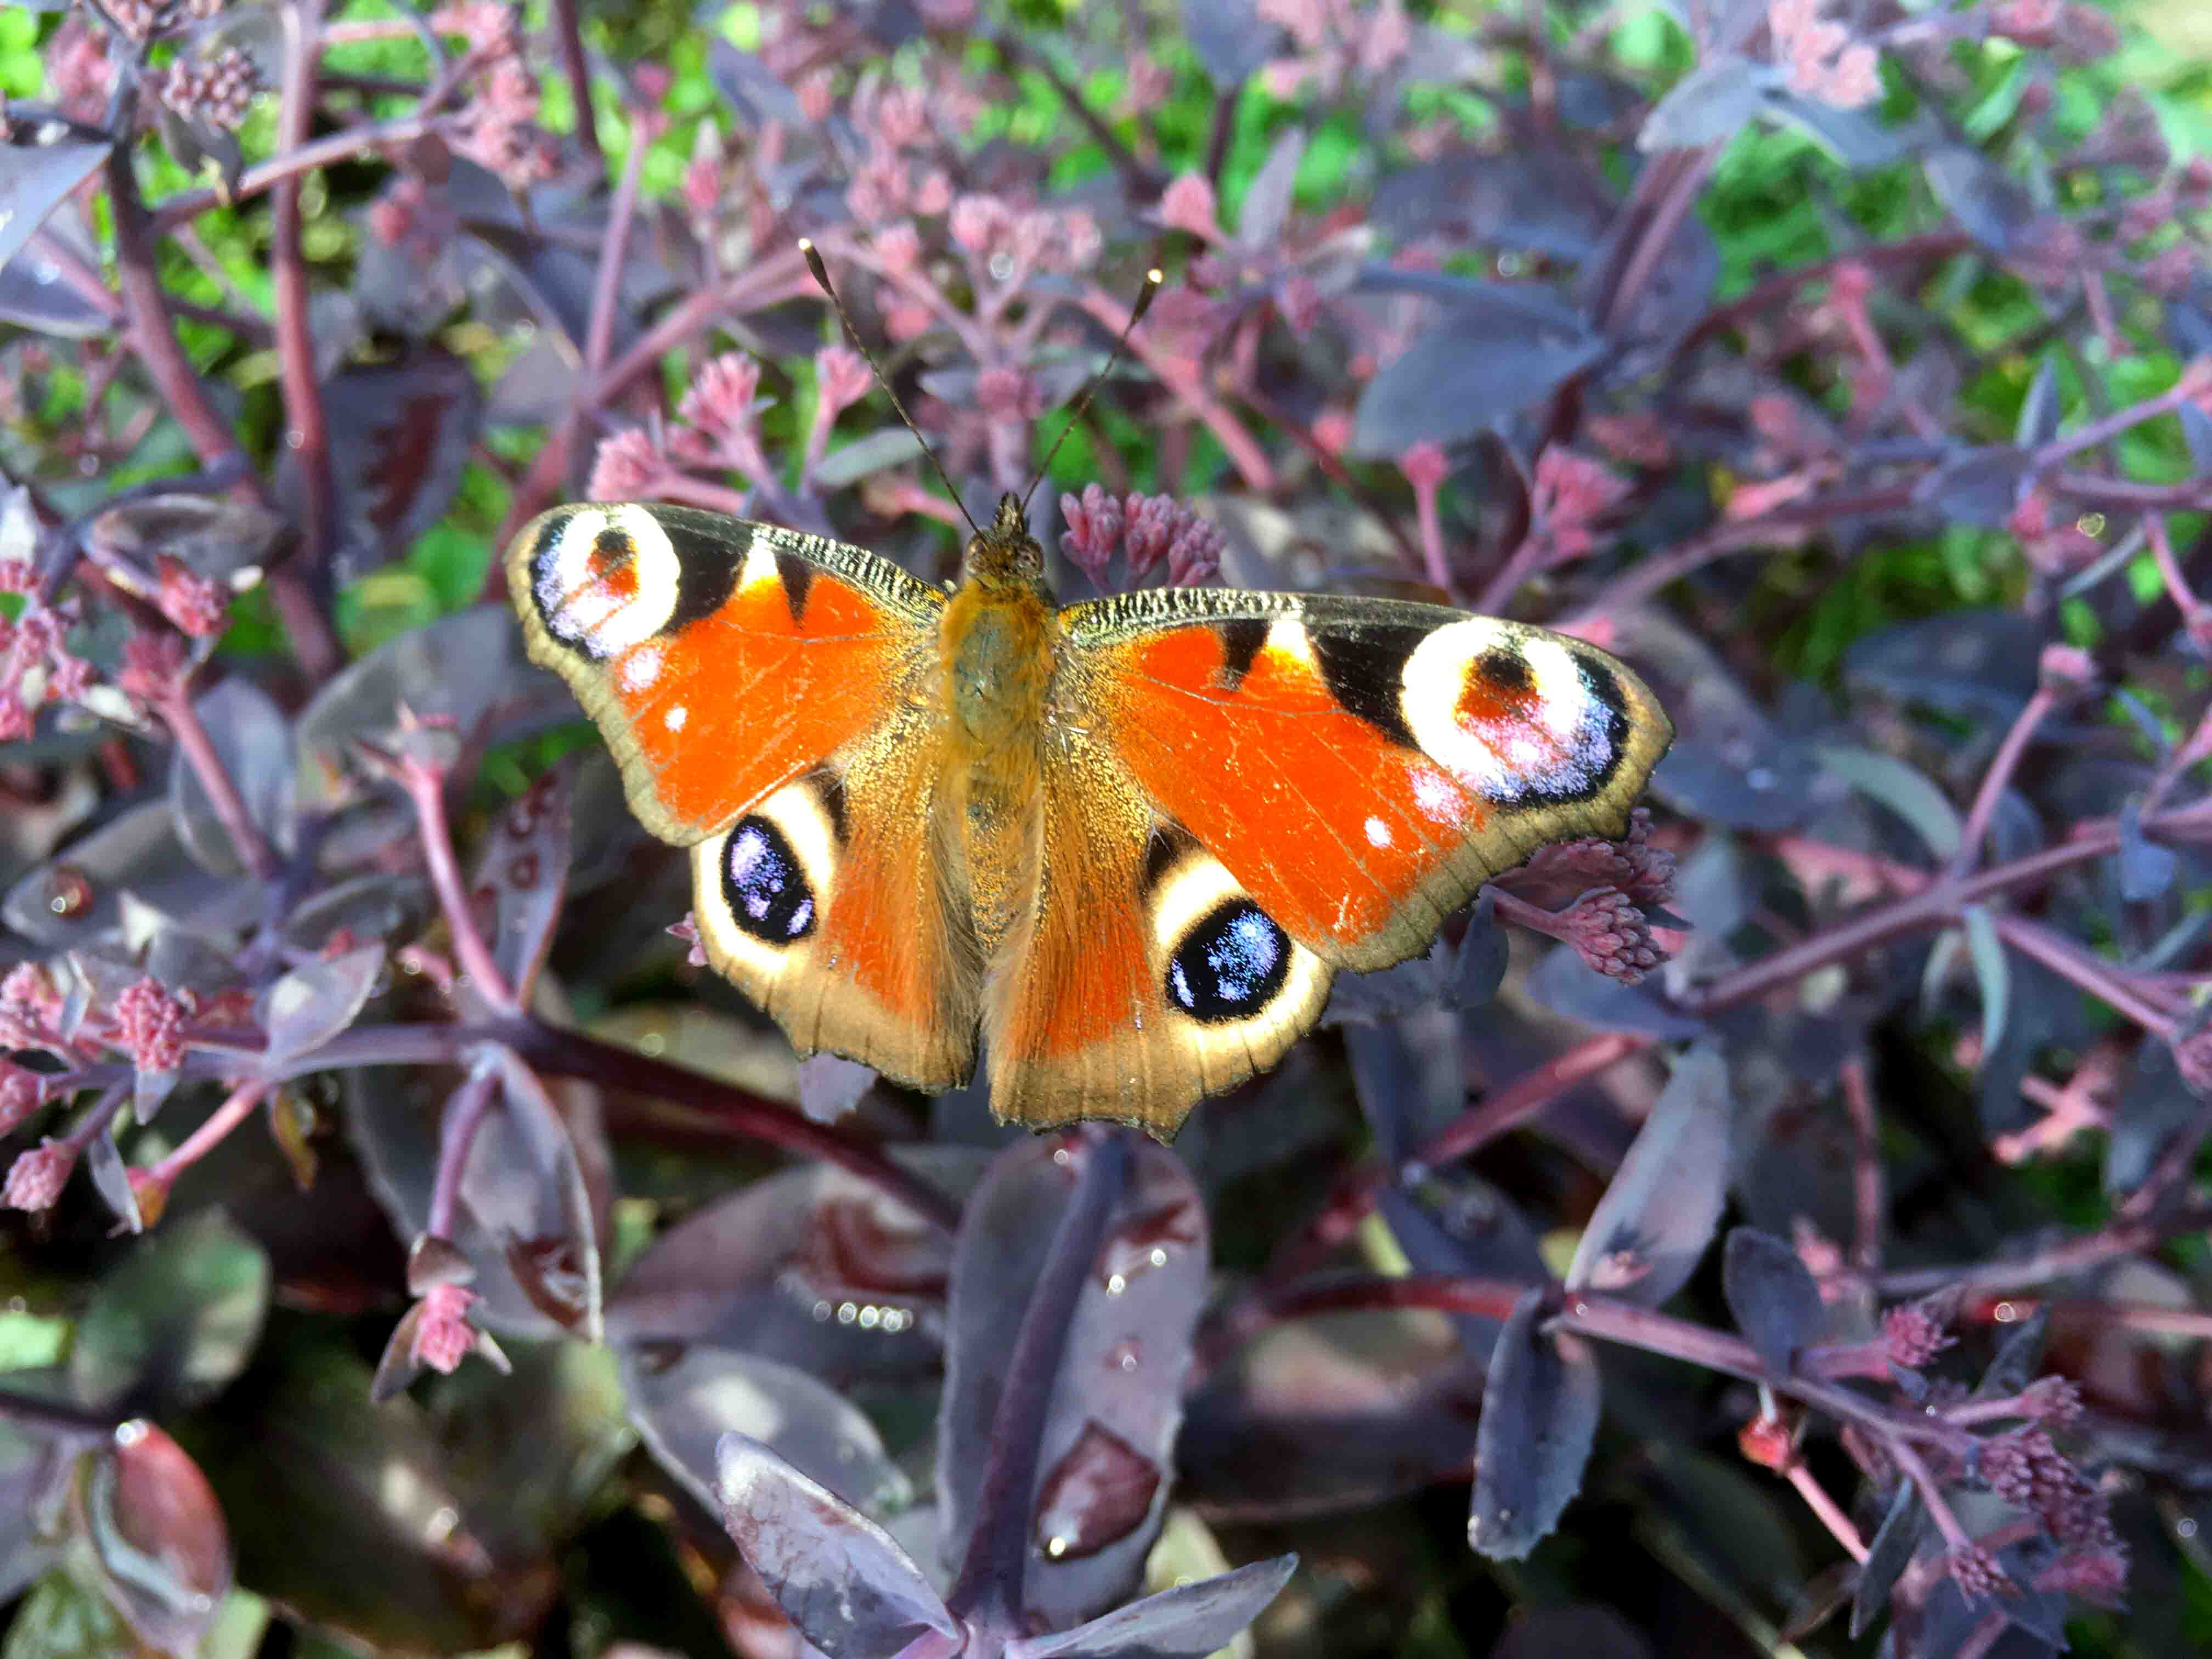 Tagpfauenauge Schmetterling auf Blume